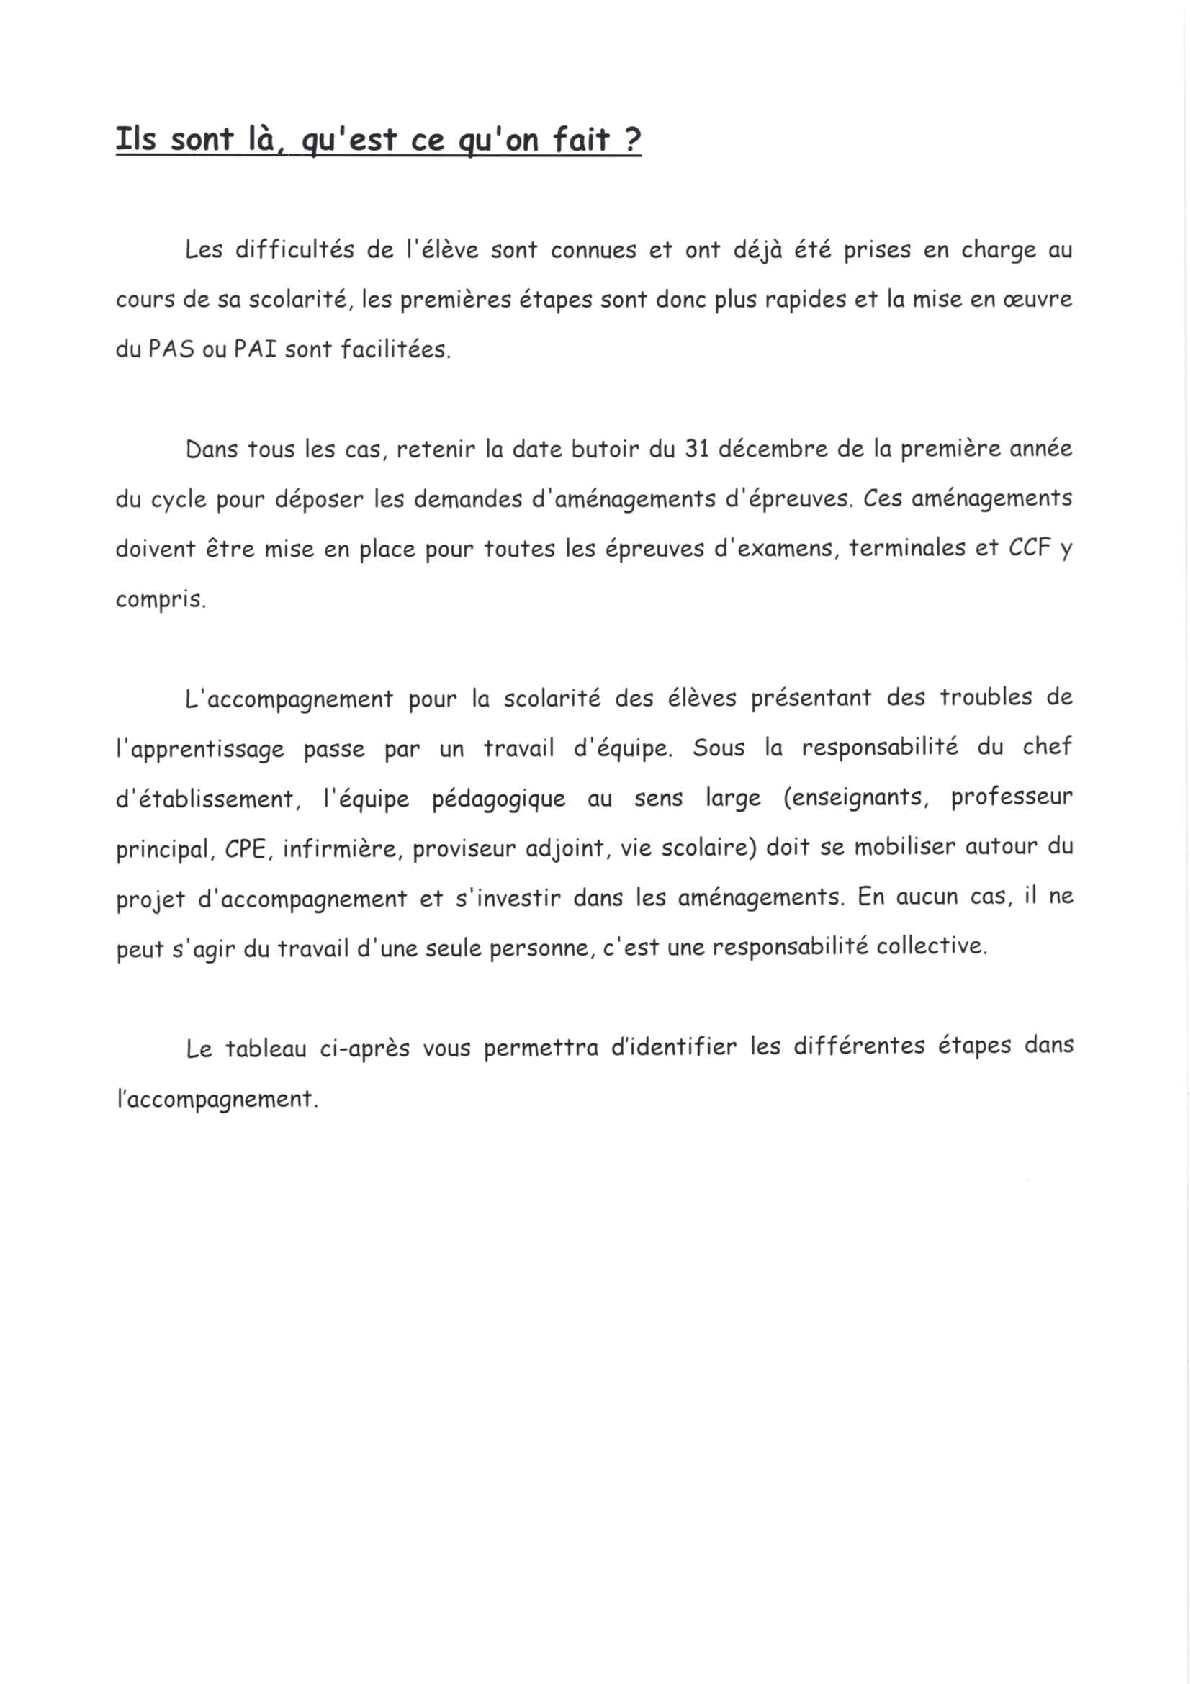 Guide D Accompagnement De La Scolarité Des élèves Présentant